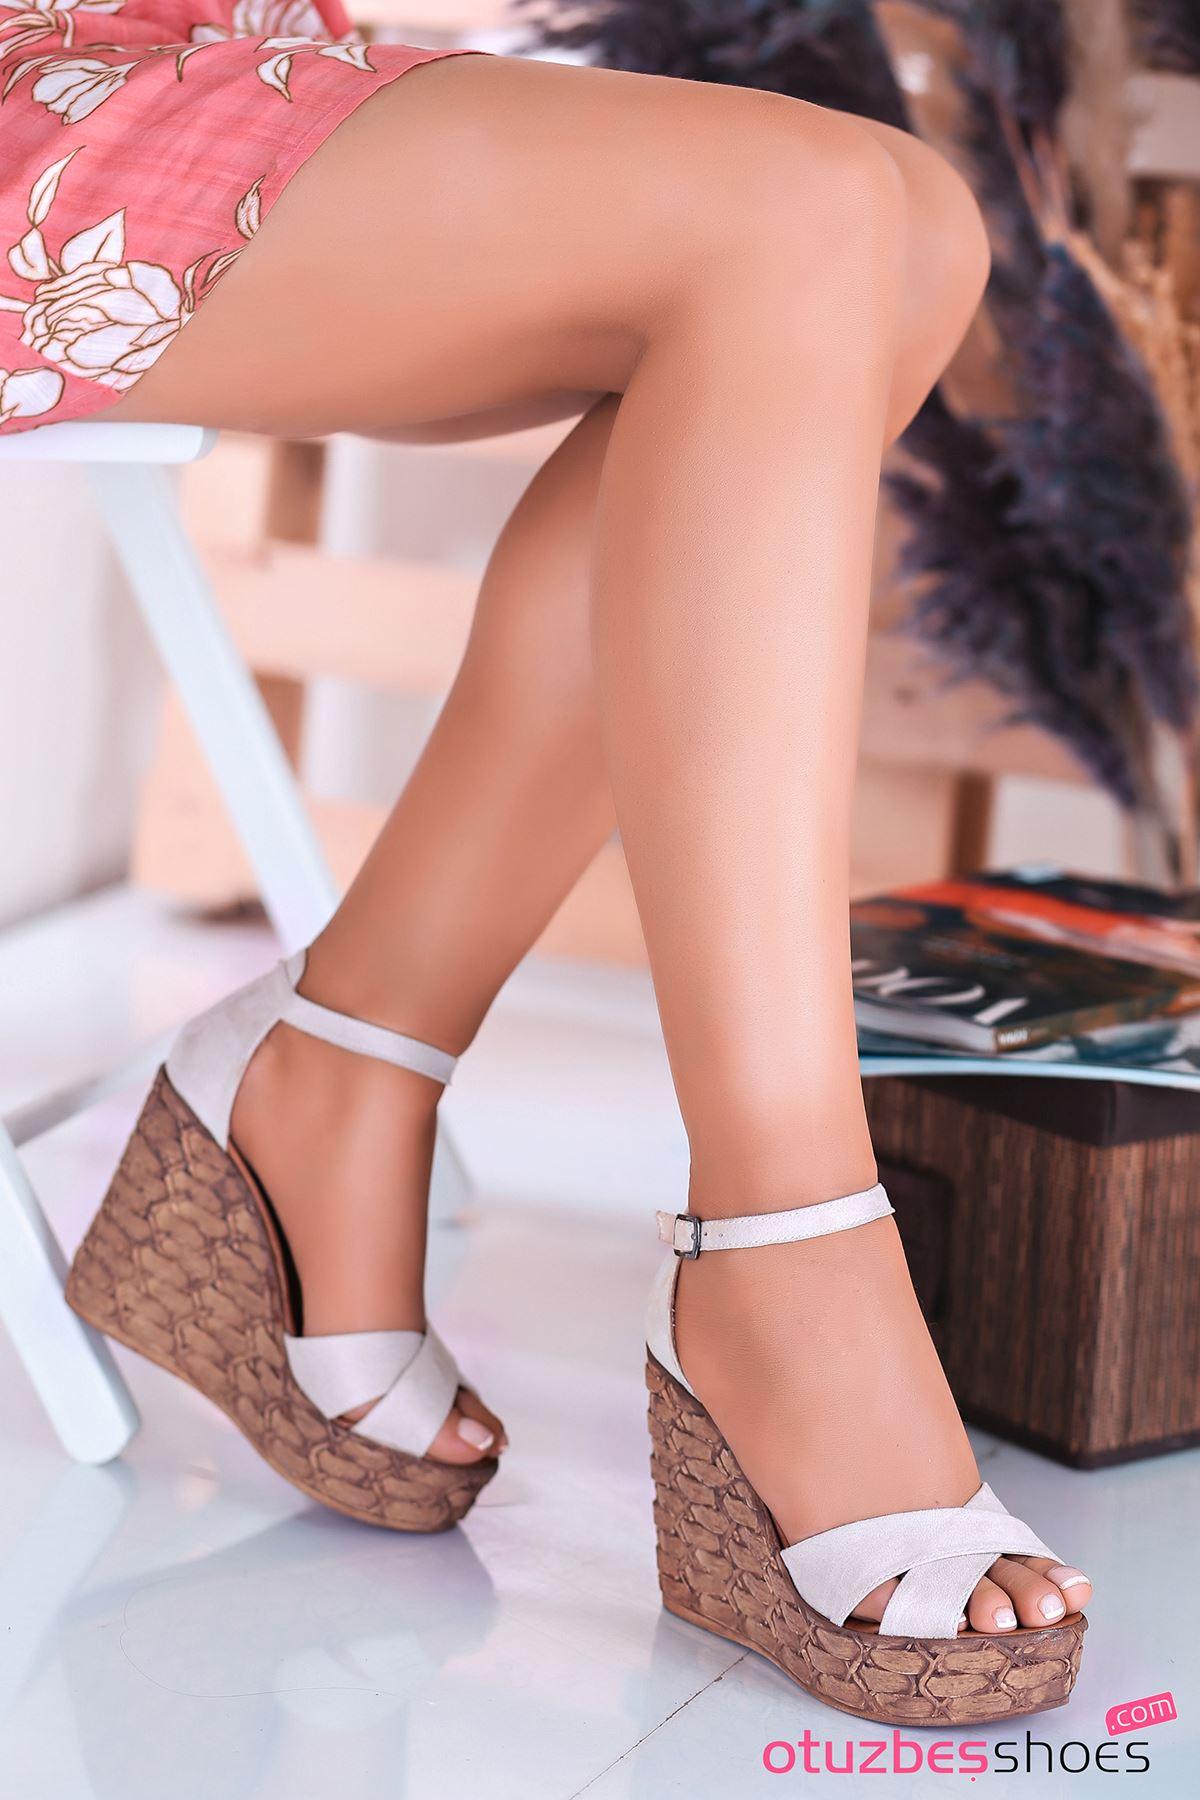 Cosmo Krem Süet Çapraz Detay Dolgu Topuk Kadın Ayakkabı